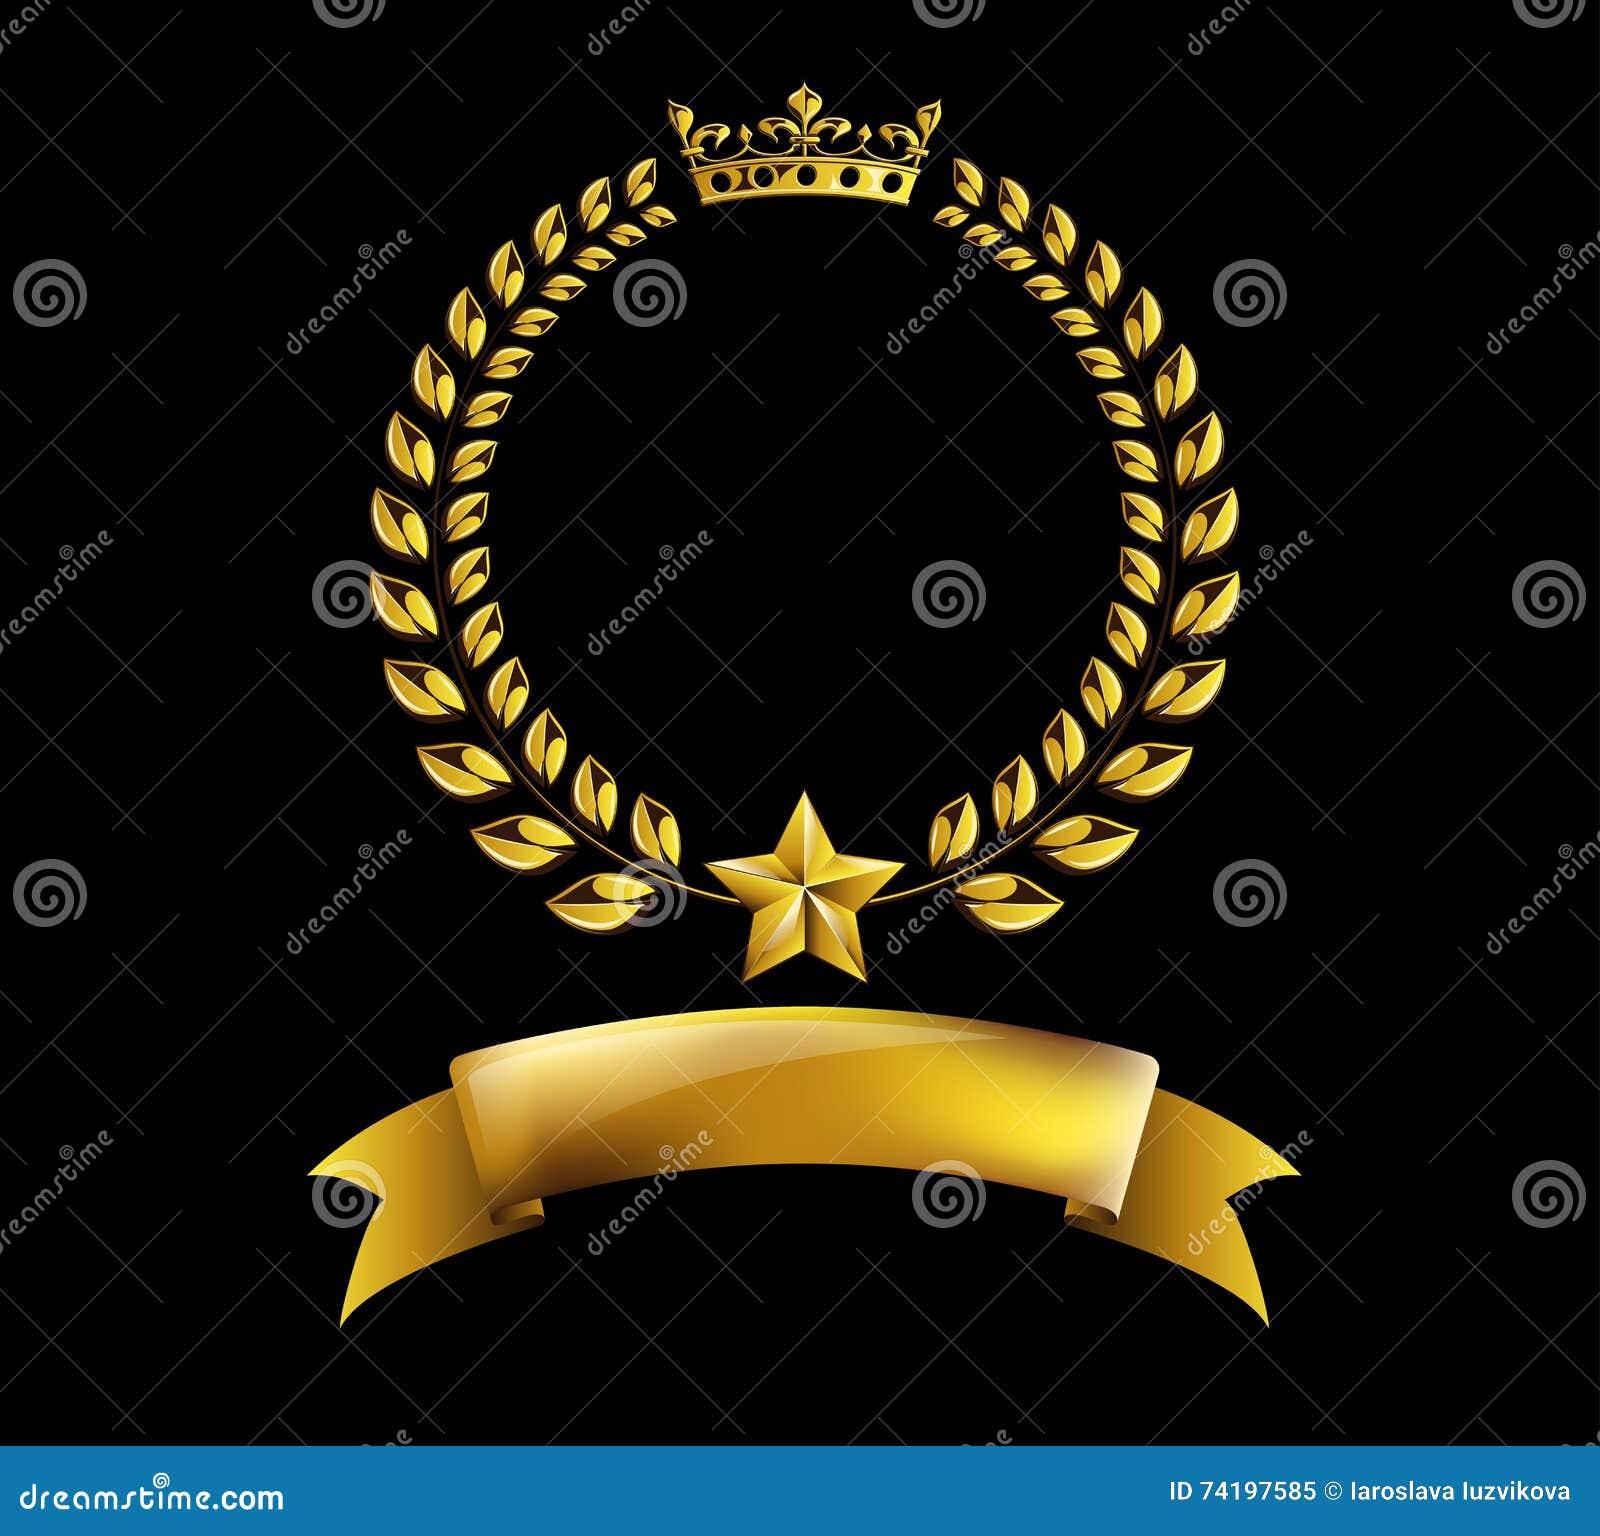 Wektorowa round złota laurowa wianek nagrody rama na czarnym tle